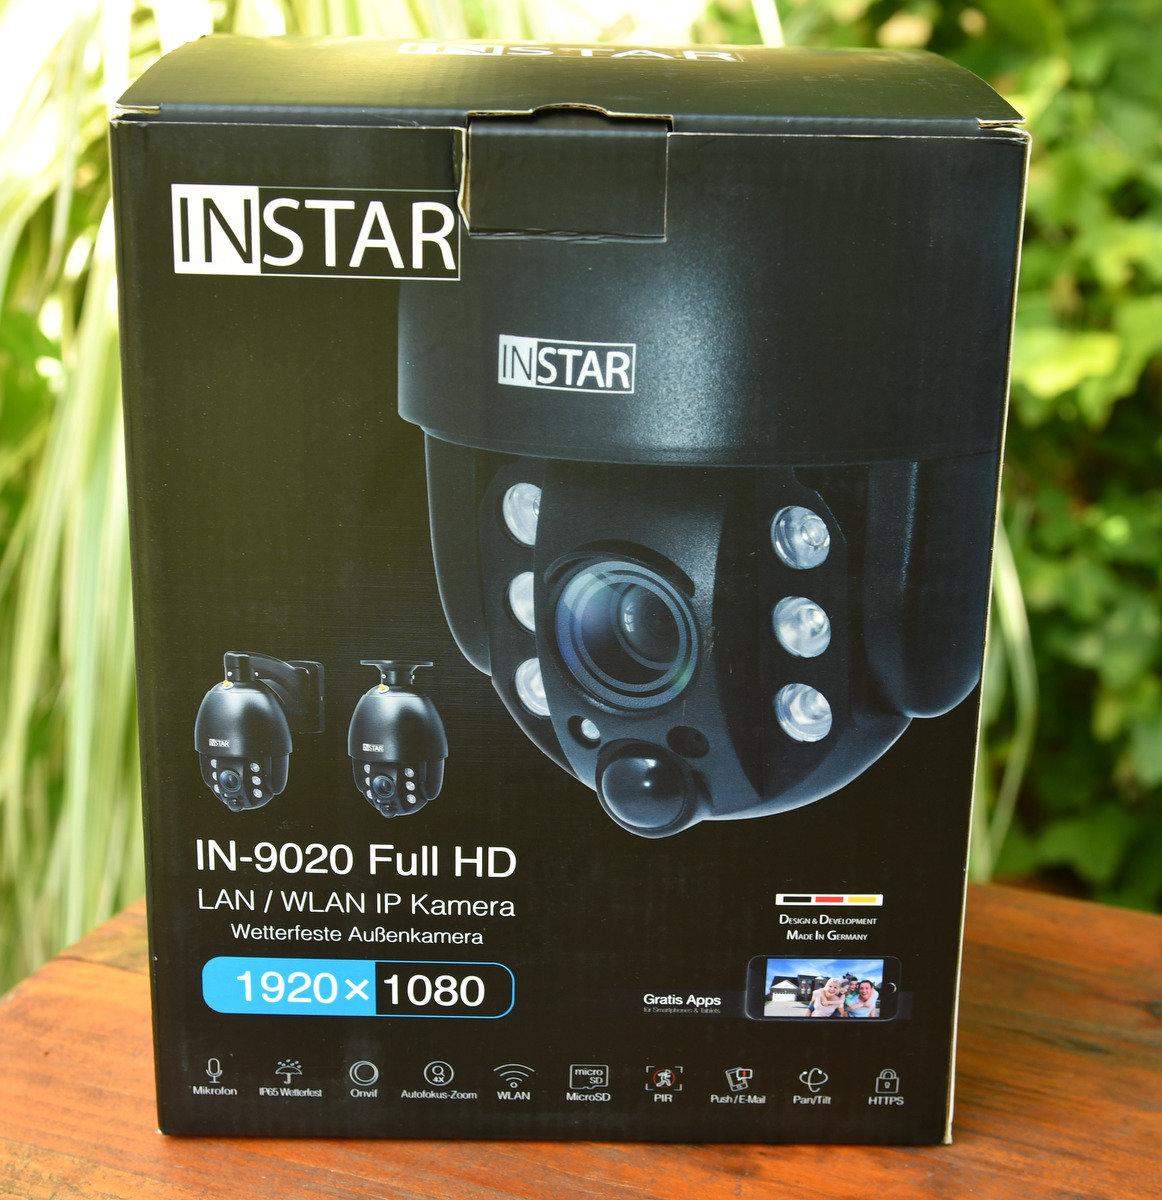 INSTAR_9020HD_005 Das neue IP-Kamera-Flaggschiff ist da |Die INSTAR IN-9020 Full HD im Presse Augsburg-Test News Technik & Gadgets IN-9020 INSTAR 9020 INSTAR IN-9020 Full HD kaufen Testbericht |Presse Augsburg